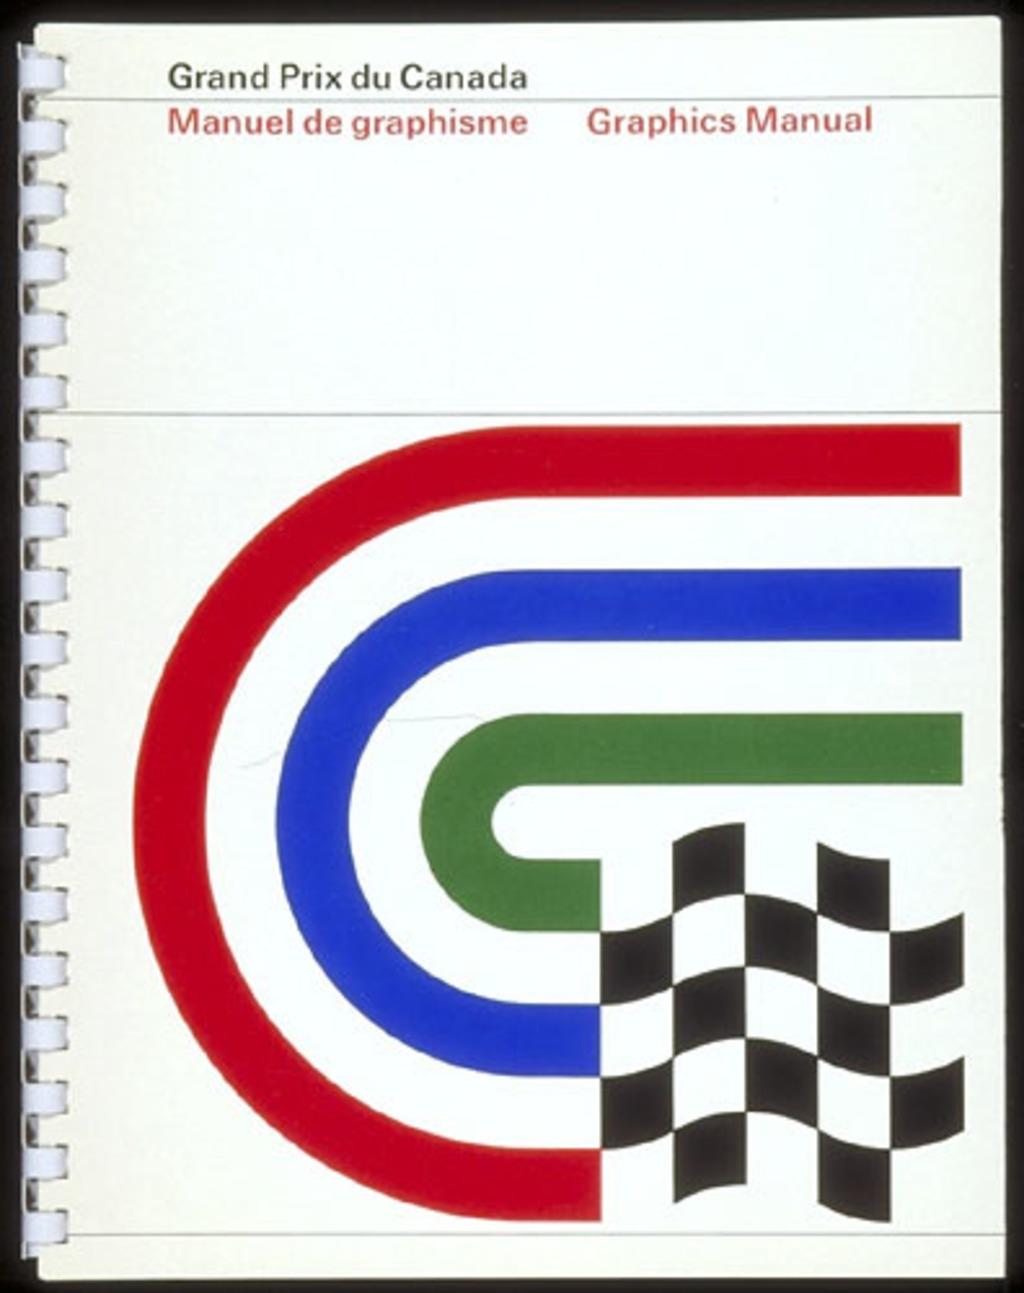 Manuel de graphisme « Grand Prix du Canada »